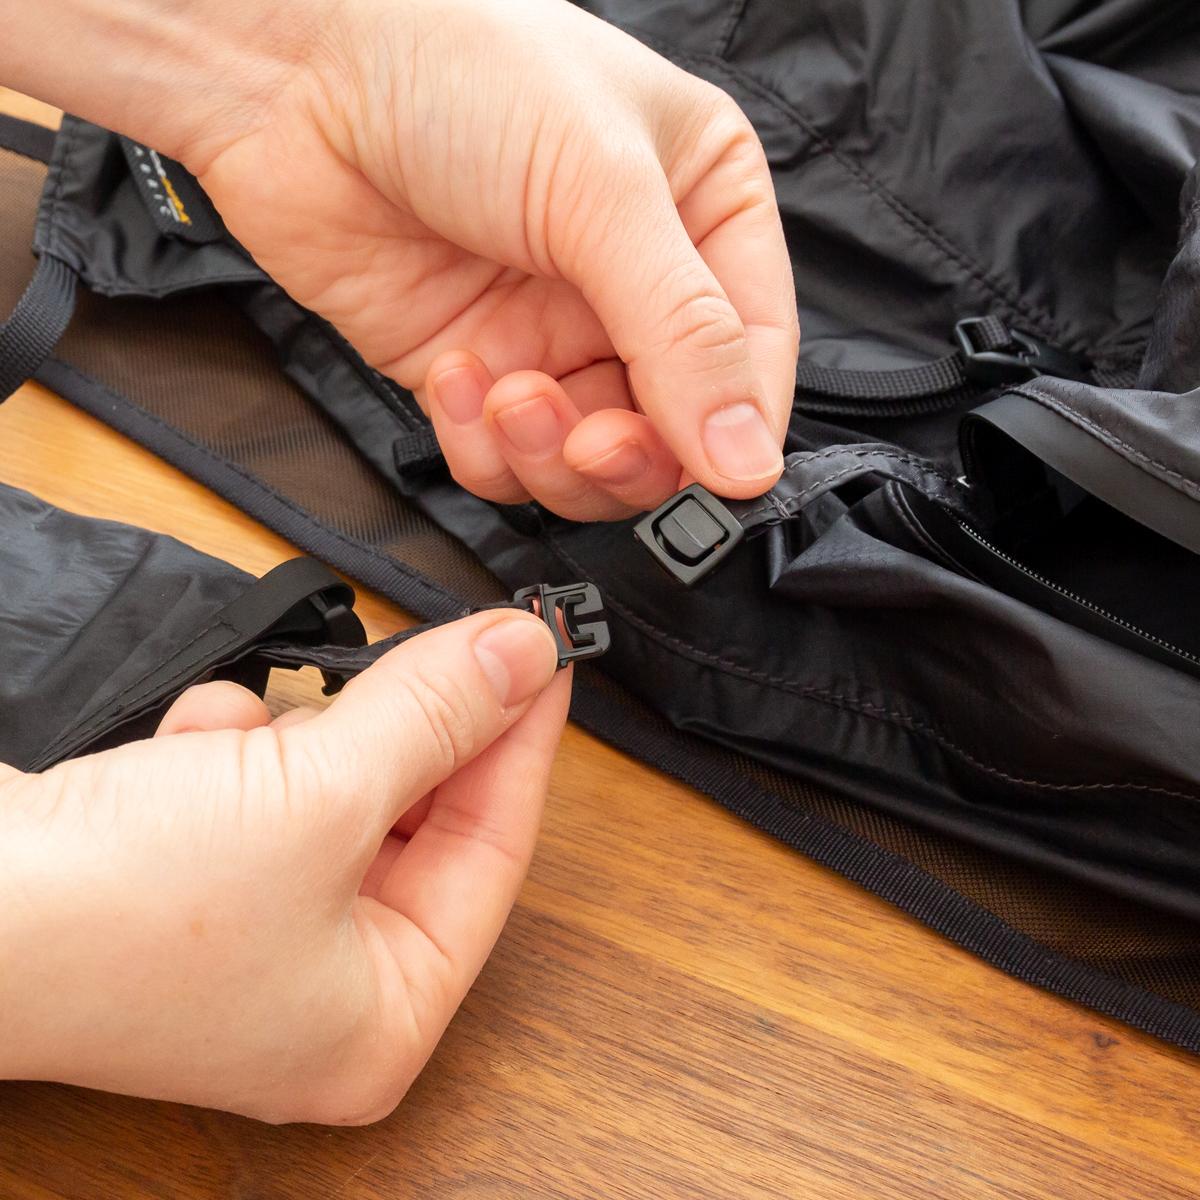 ロールトップ式の収納袋は、バッグ内部に簡単に取り付けることもできます。だから、バッグ使用時になくす心配もありません。バックパック|Matador freefly16